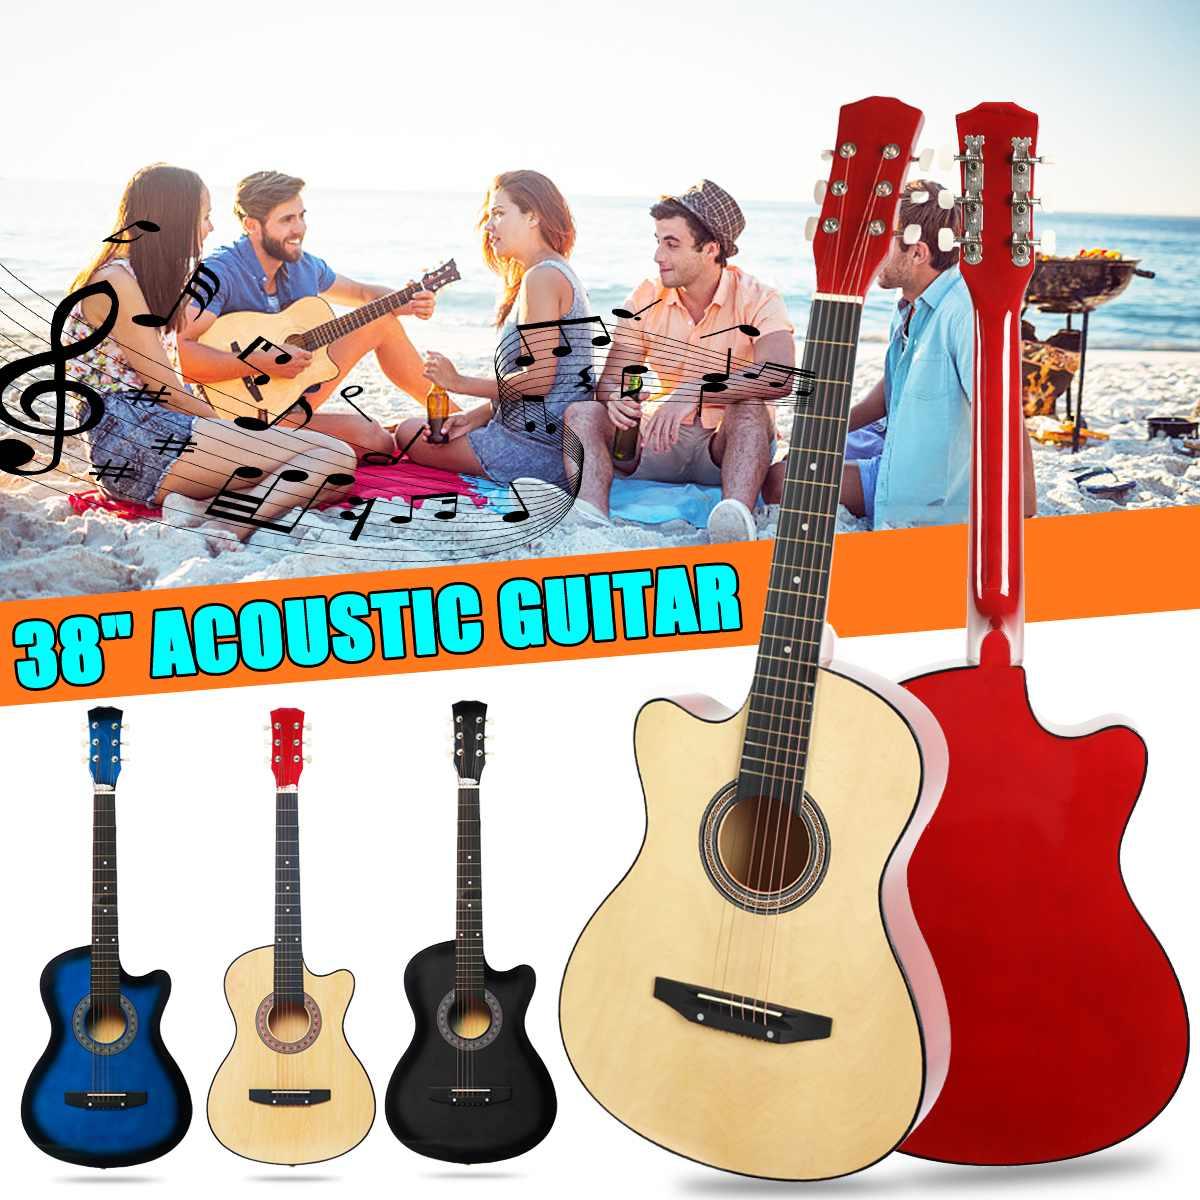 38 pouces guitare débutants guitare acoustique 6 cordes tilleul avec sangle guitare Pick cordes en acier guitare Instruments de musique